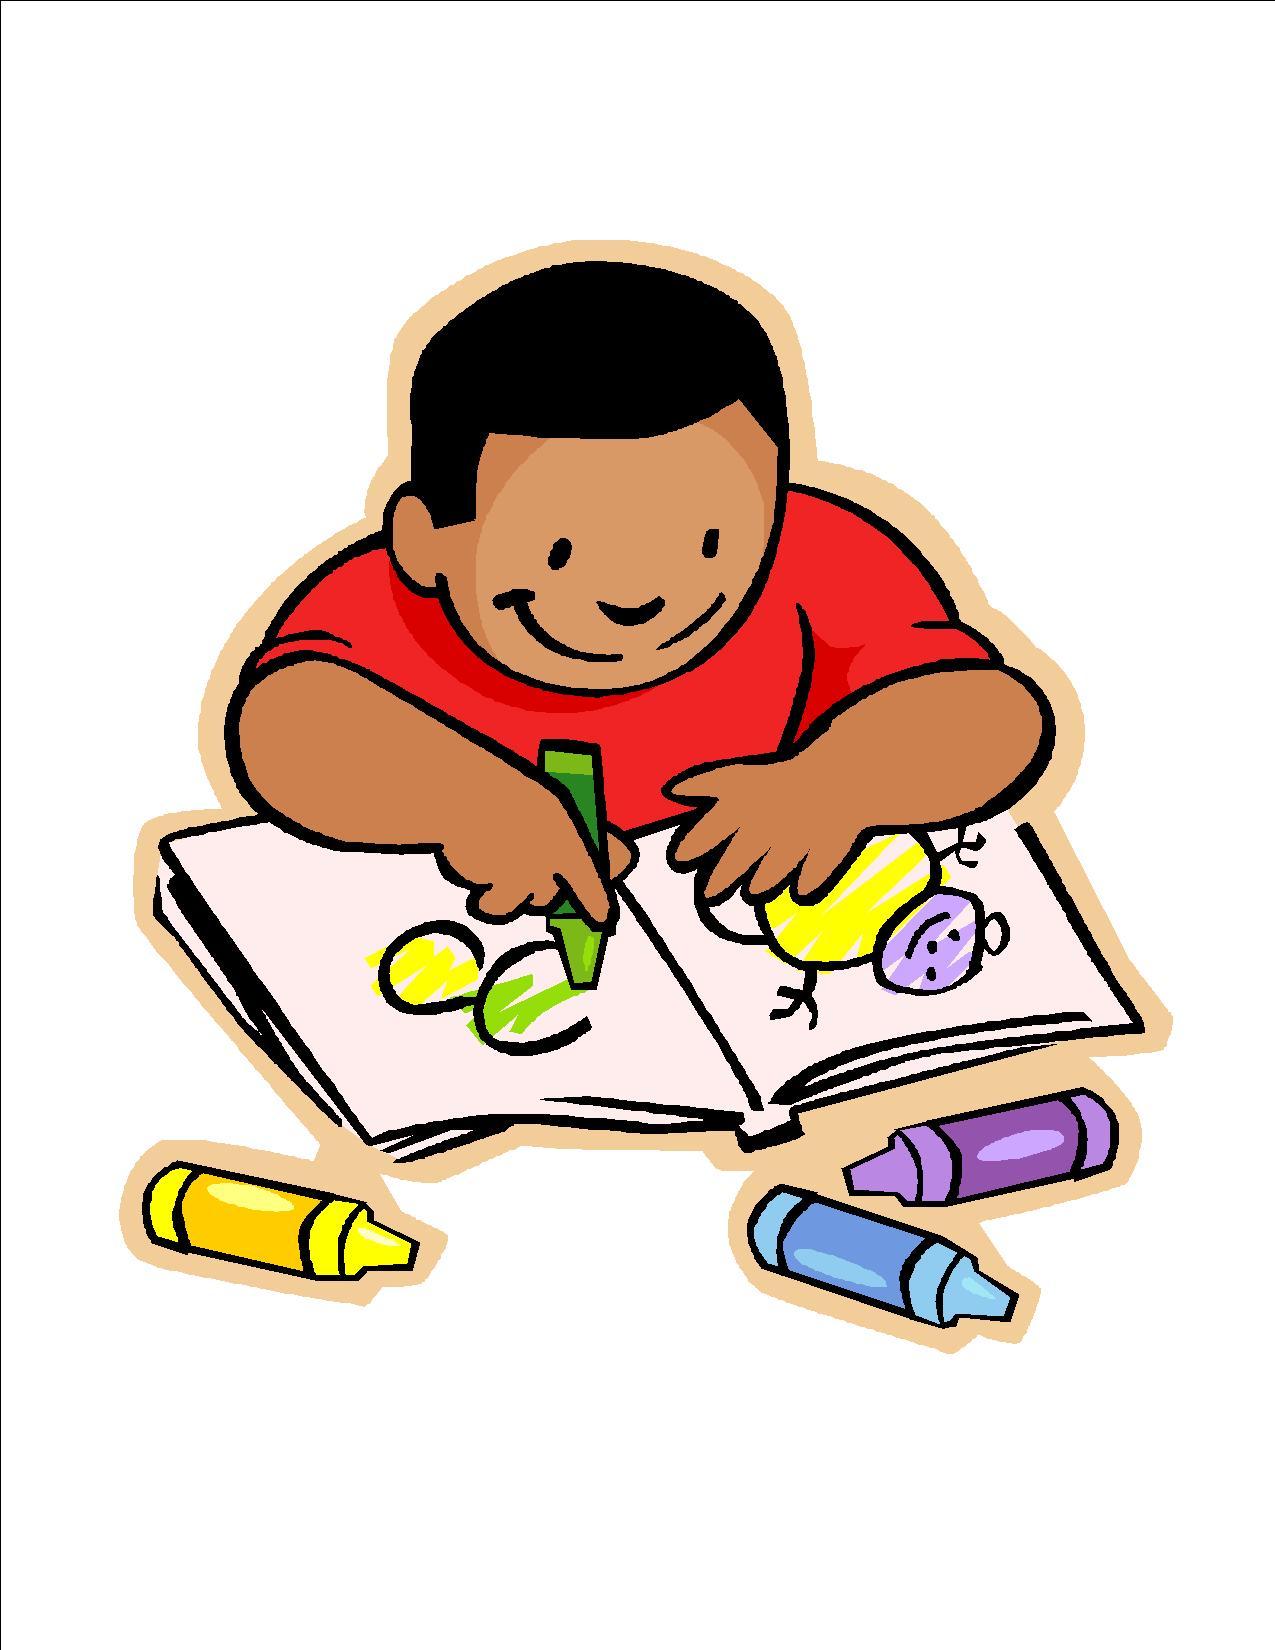 School Work Clipart-school work clipart-10